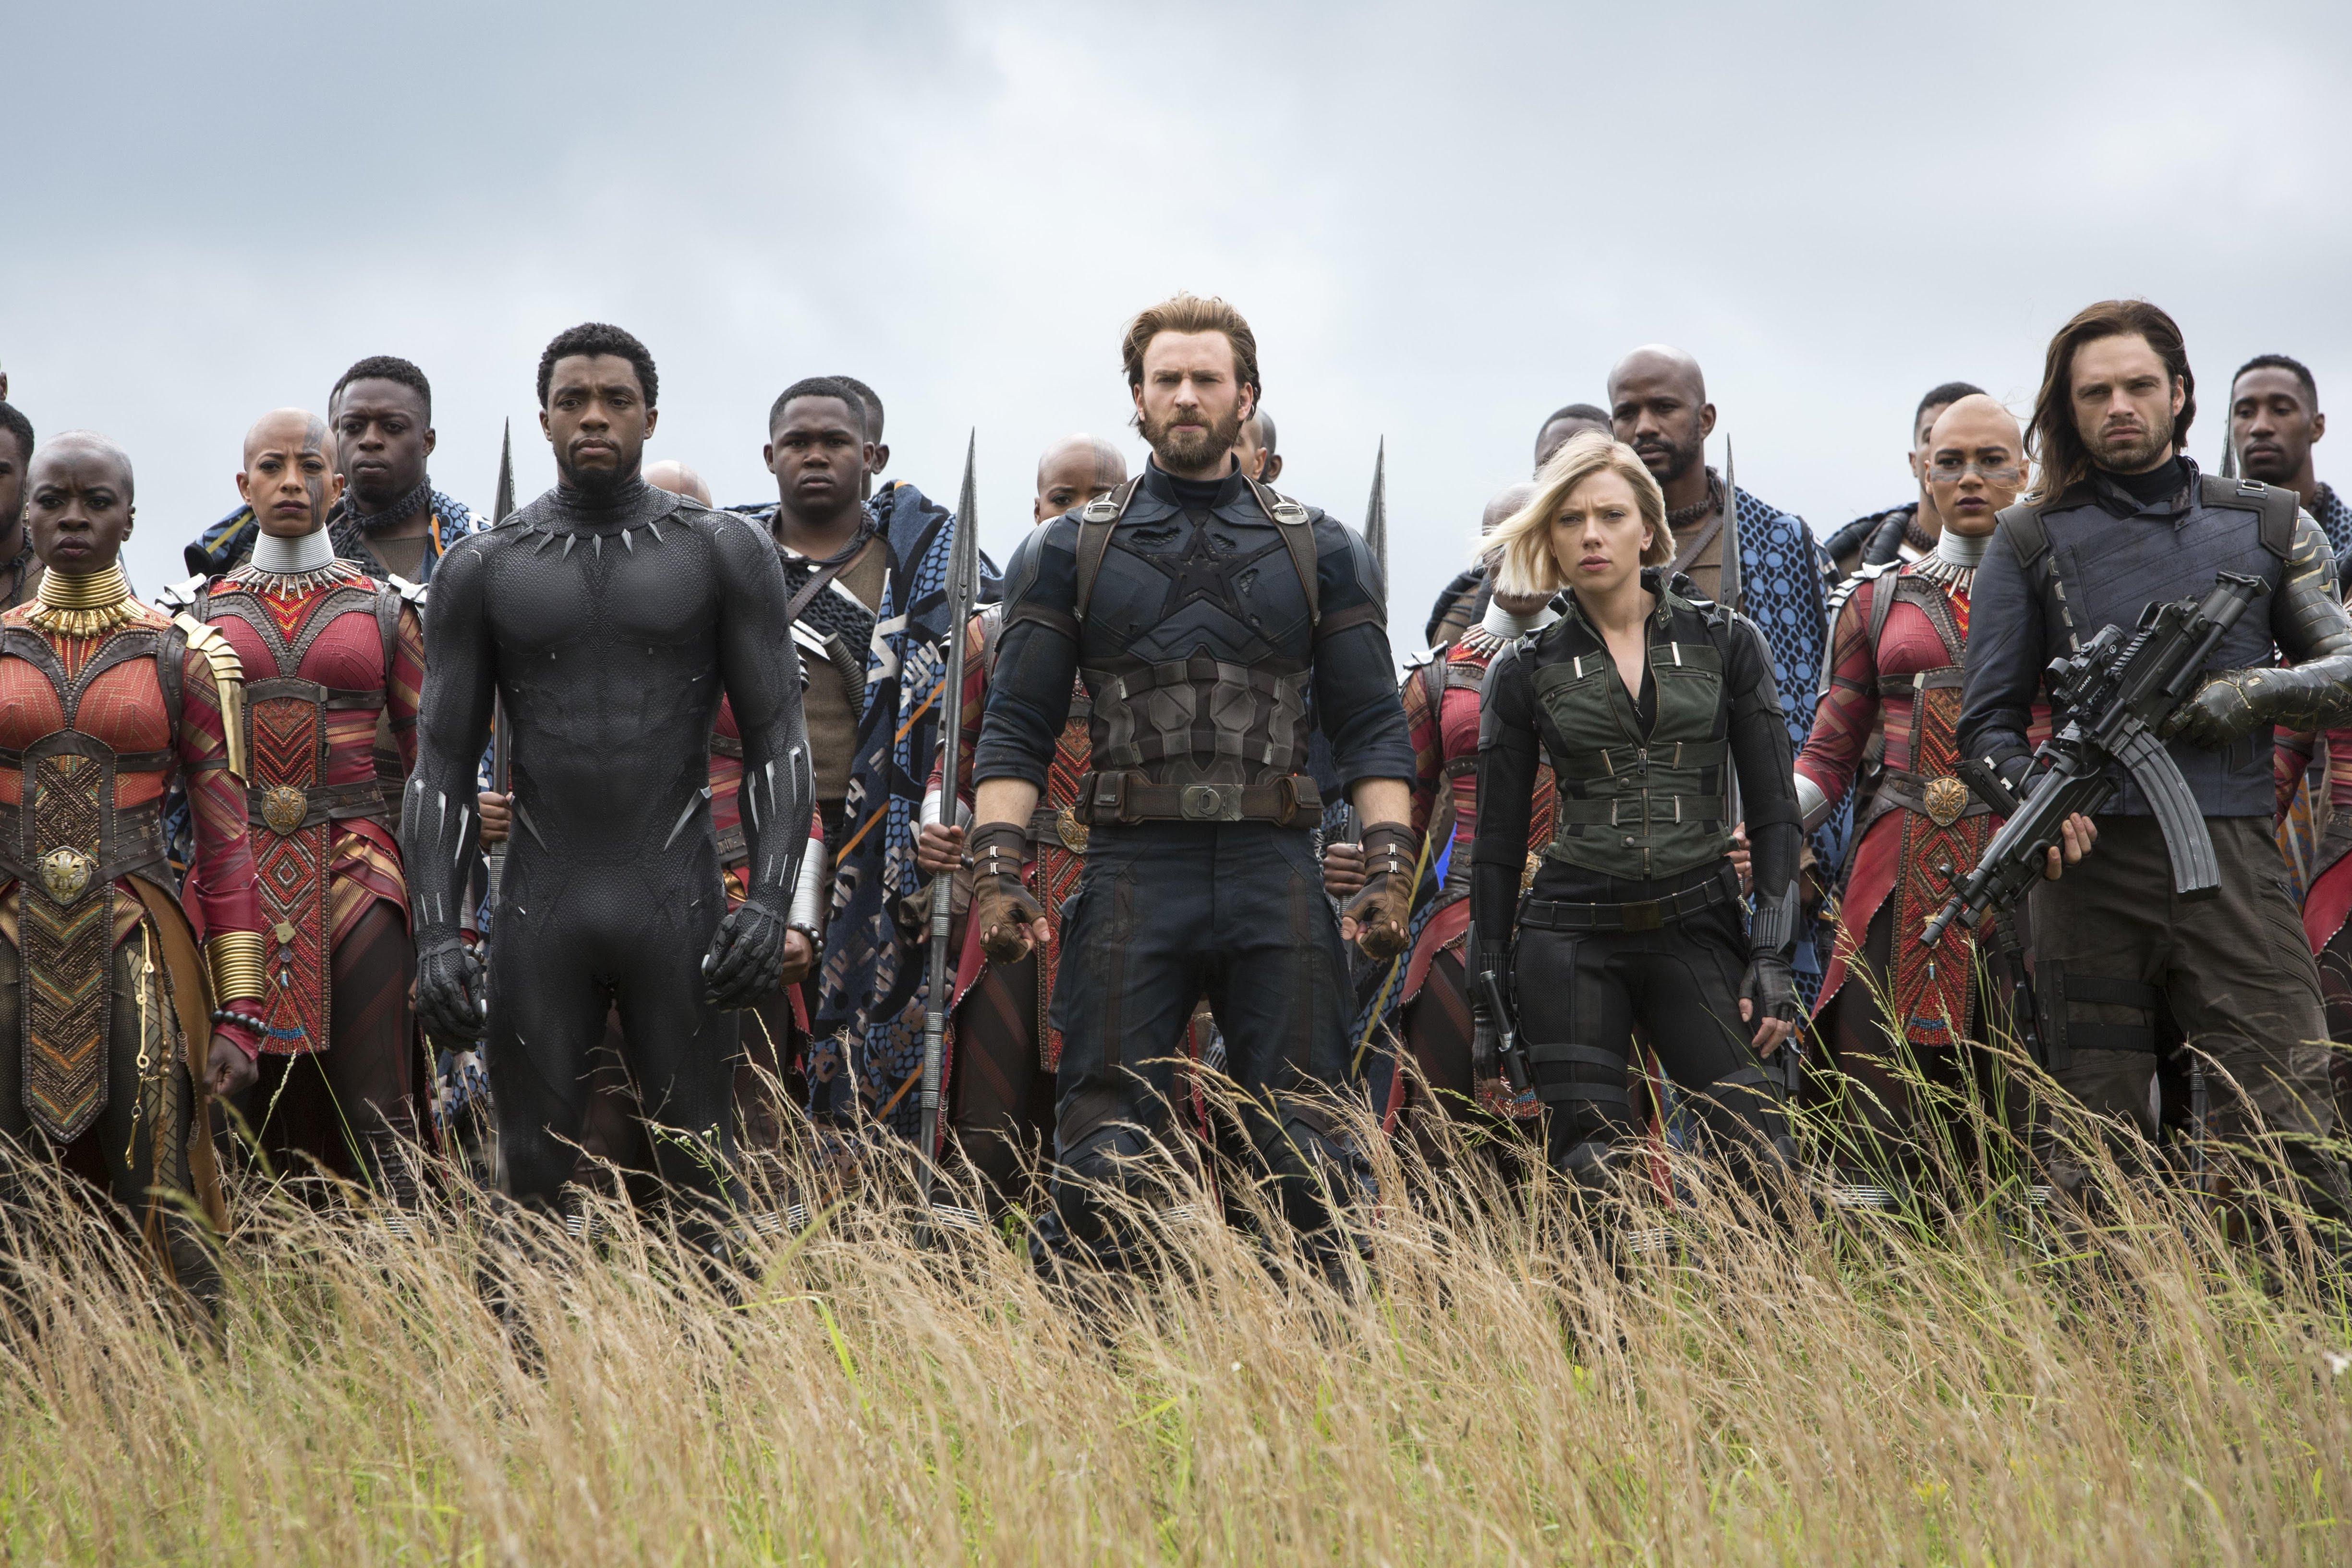 Avengers Infinity War VFX Breakdown :「エンドゲーム」への期待で盛り上がる「アベンジャーズ」の前作「インフィニティ・ウォー」のワカンダ決戦のVFXを分解紹介したプロモ・ビデオ ! !